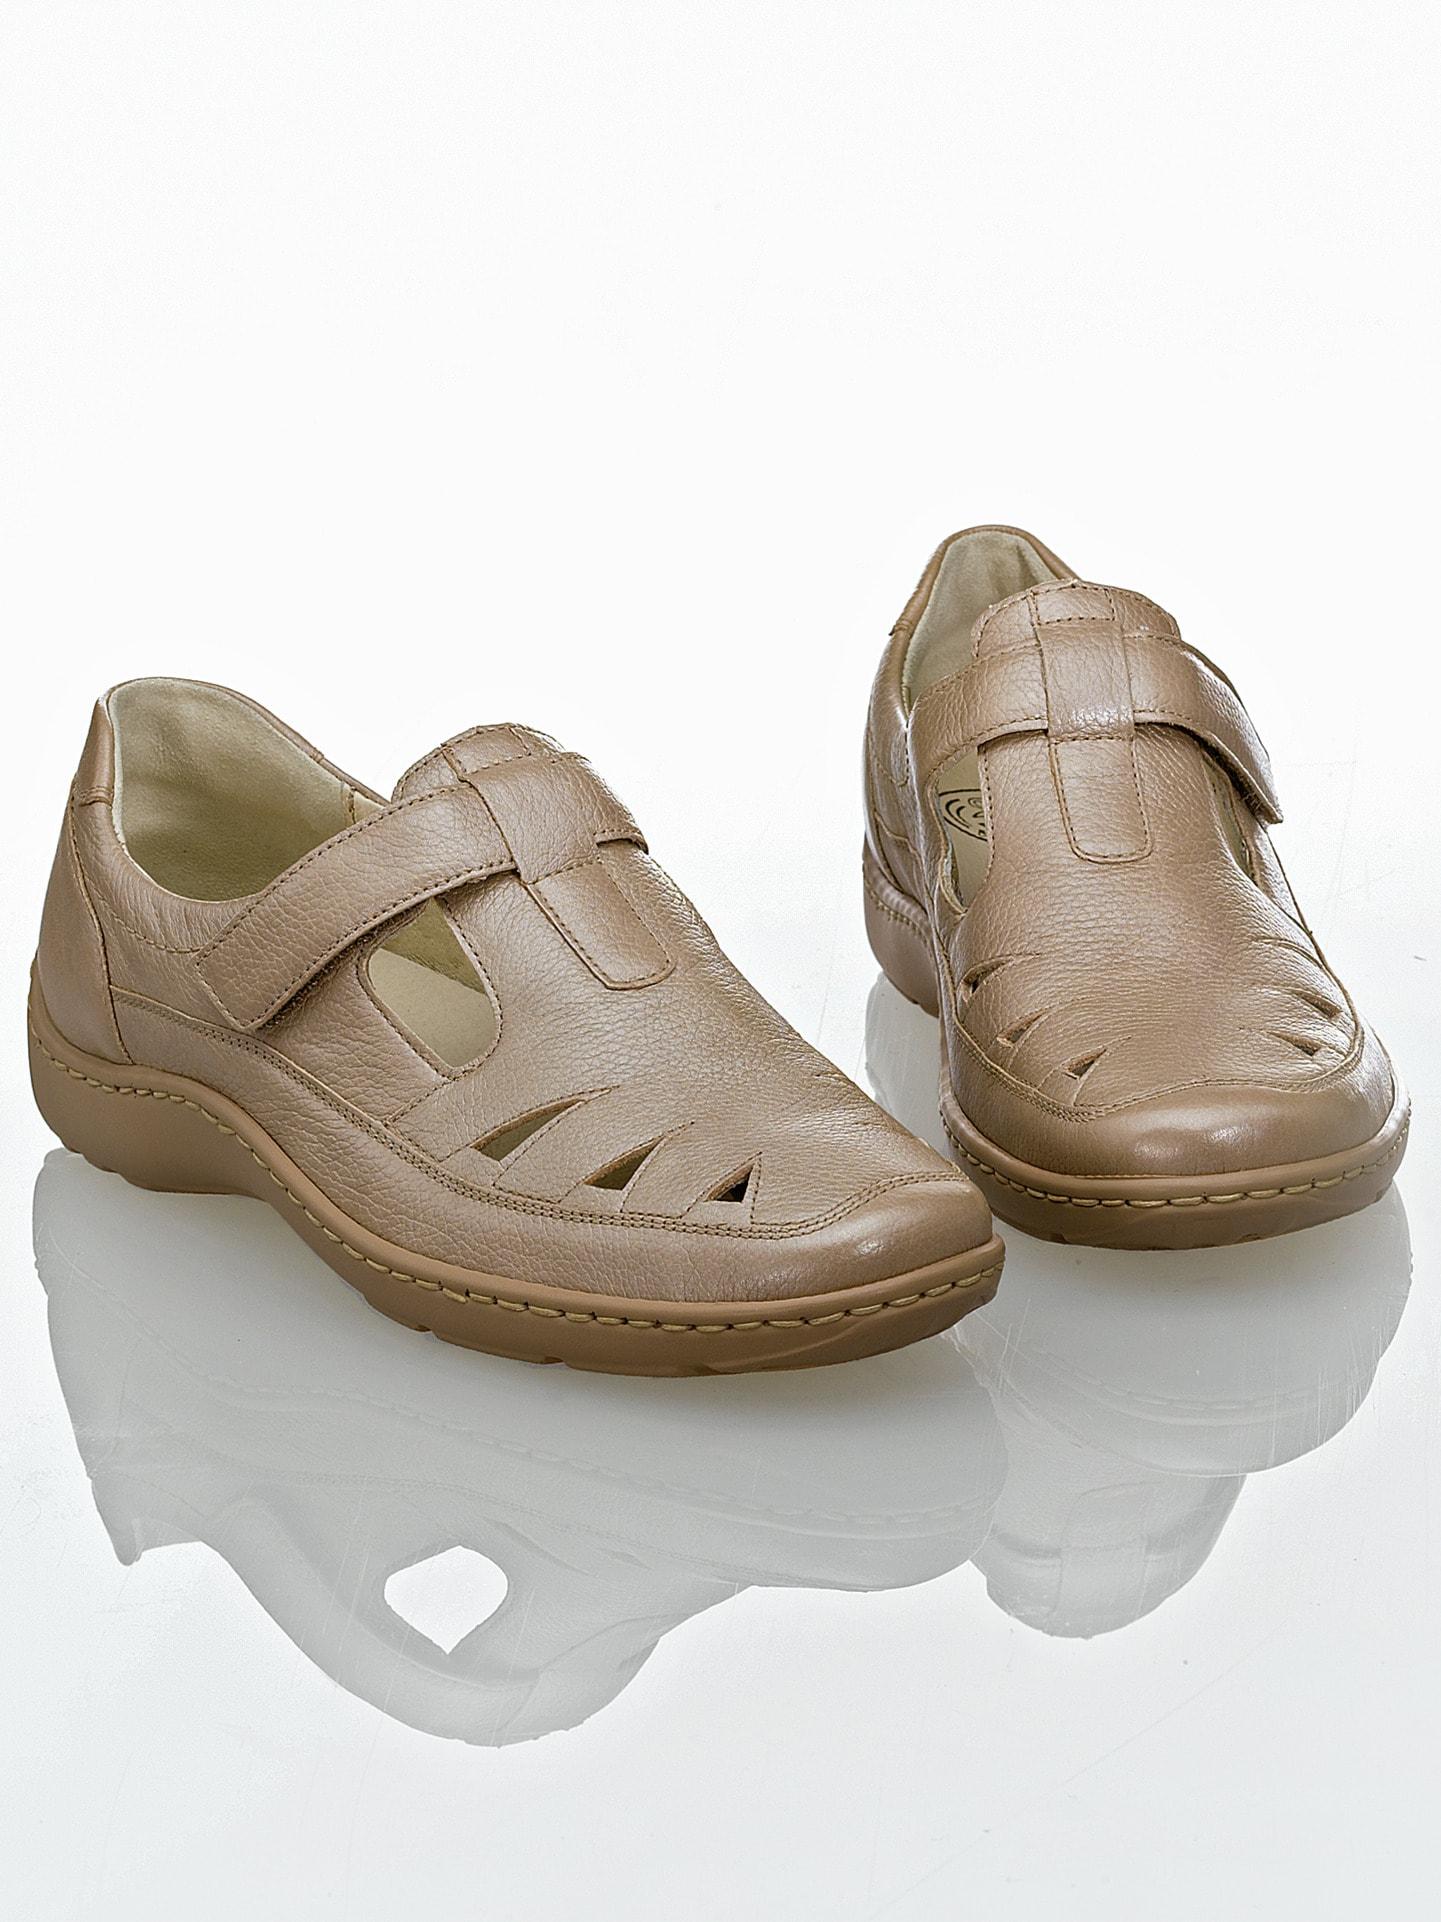 sandalen tamaris beige preisvergleich die besten angebote online kaufen. Black Bedroom Furniture Sets. Home Design Ideas